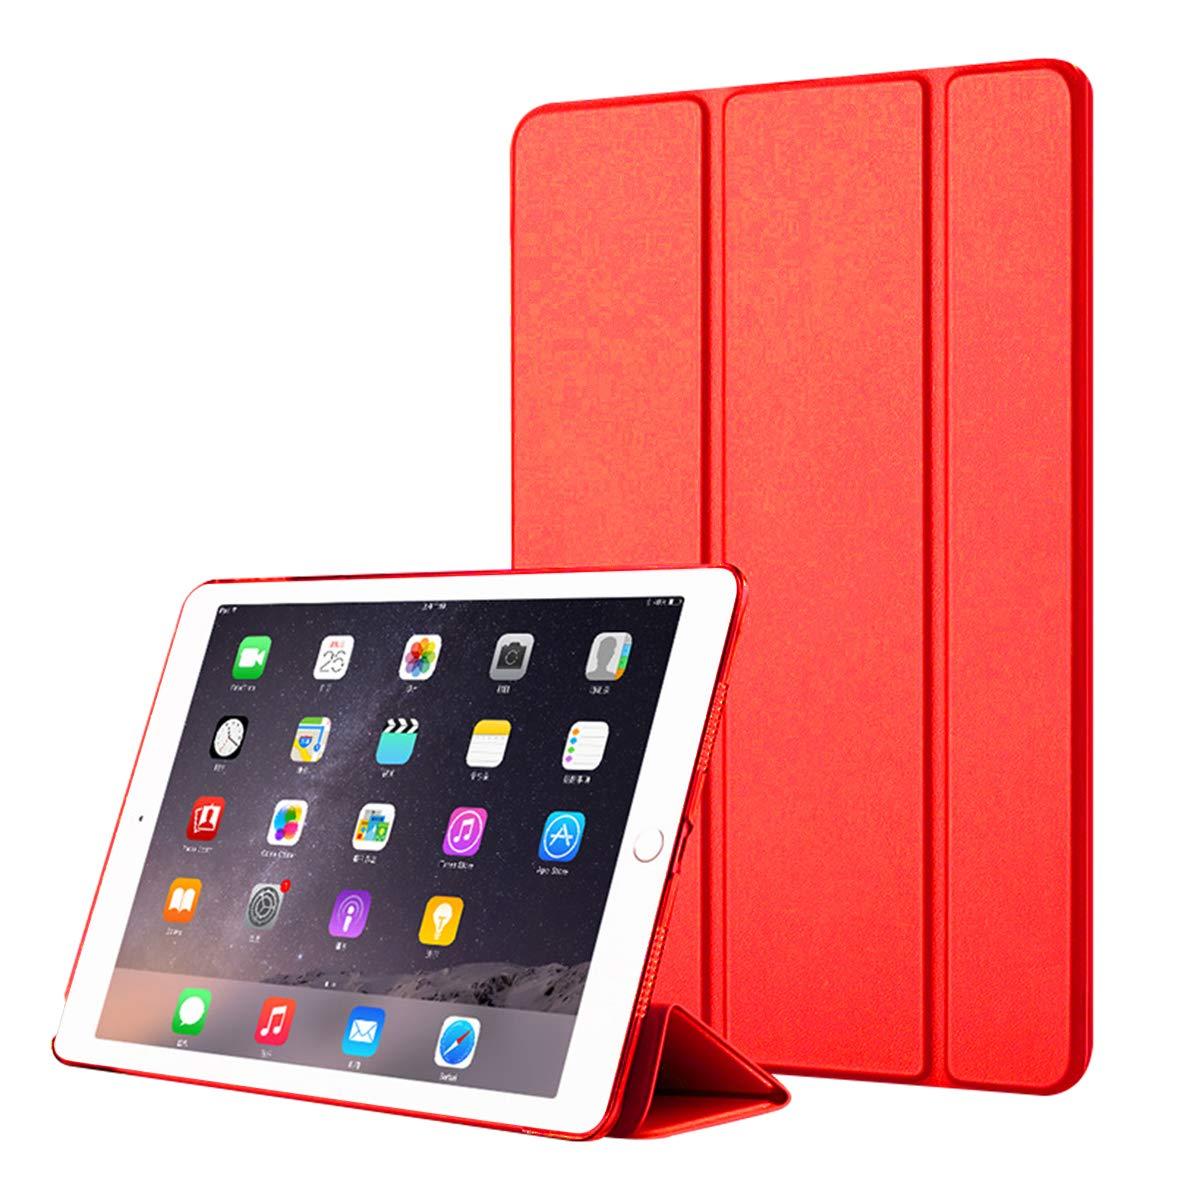 最も信頼できる iPad 11インチ Pro Pro 11インチ 2018ケース プレミアムPUレザー財布ポーチ フリップカバーケース 傷防止ディフェンダーカバーポーチ iPad Pro iPad 11インチ 2018対応 ローズゴールド, レッド, AZMA-GF-848 レッド B07KTXVGL5, ネットオフ ブランド専門館:7c90dae4 --- a0267596.xsph.ru